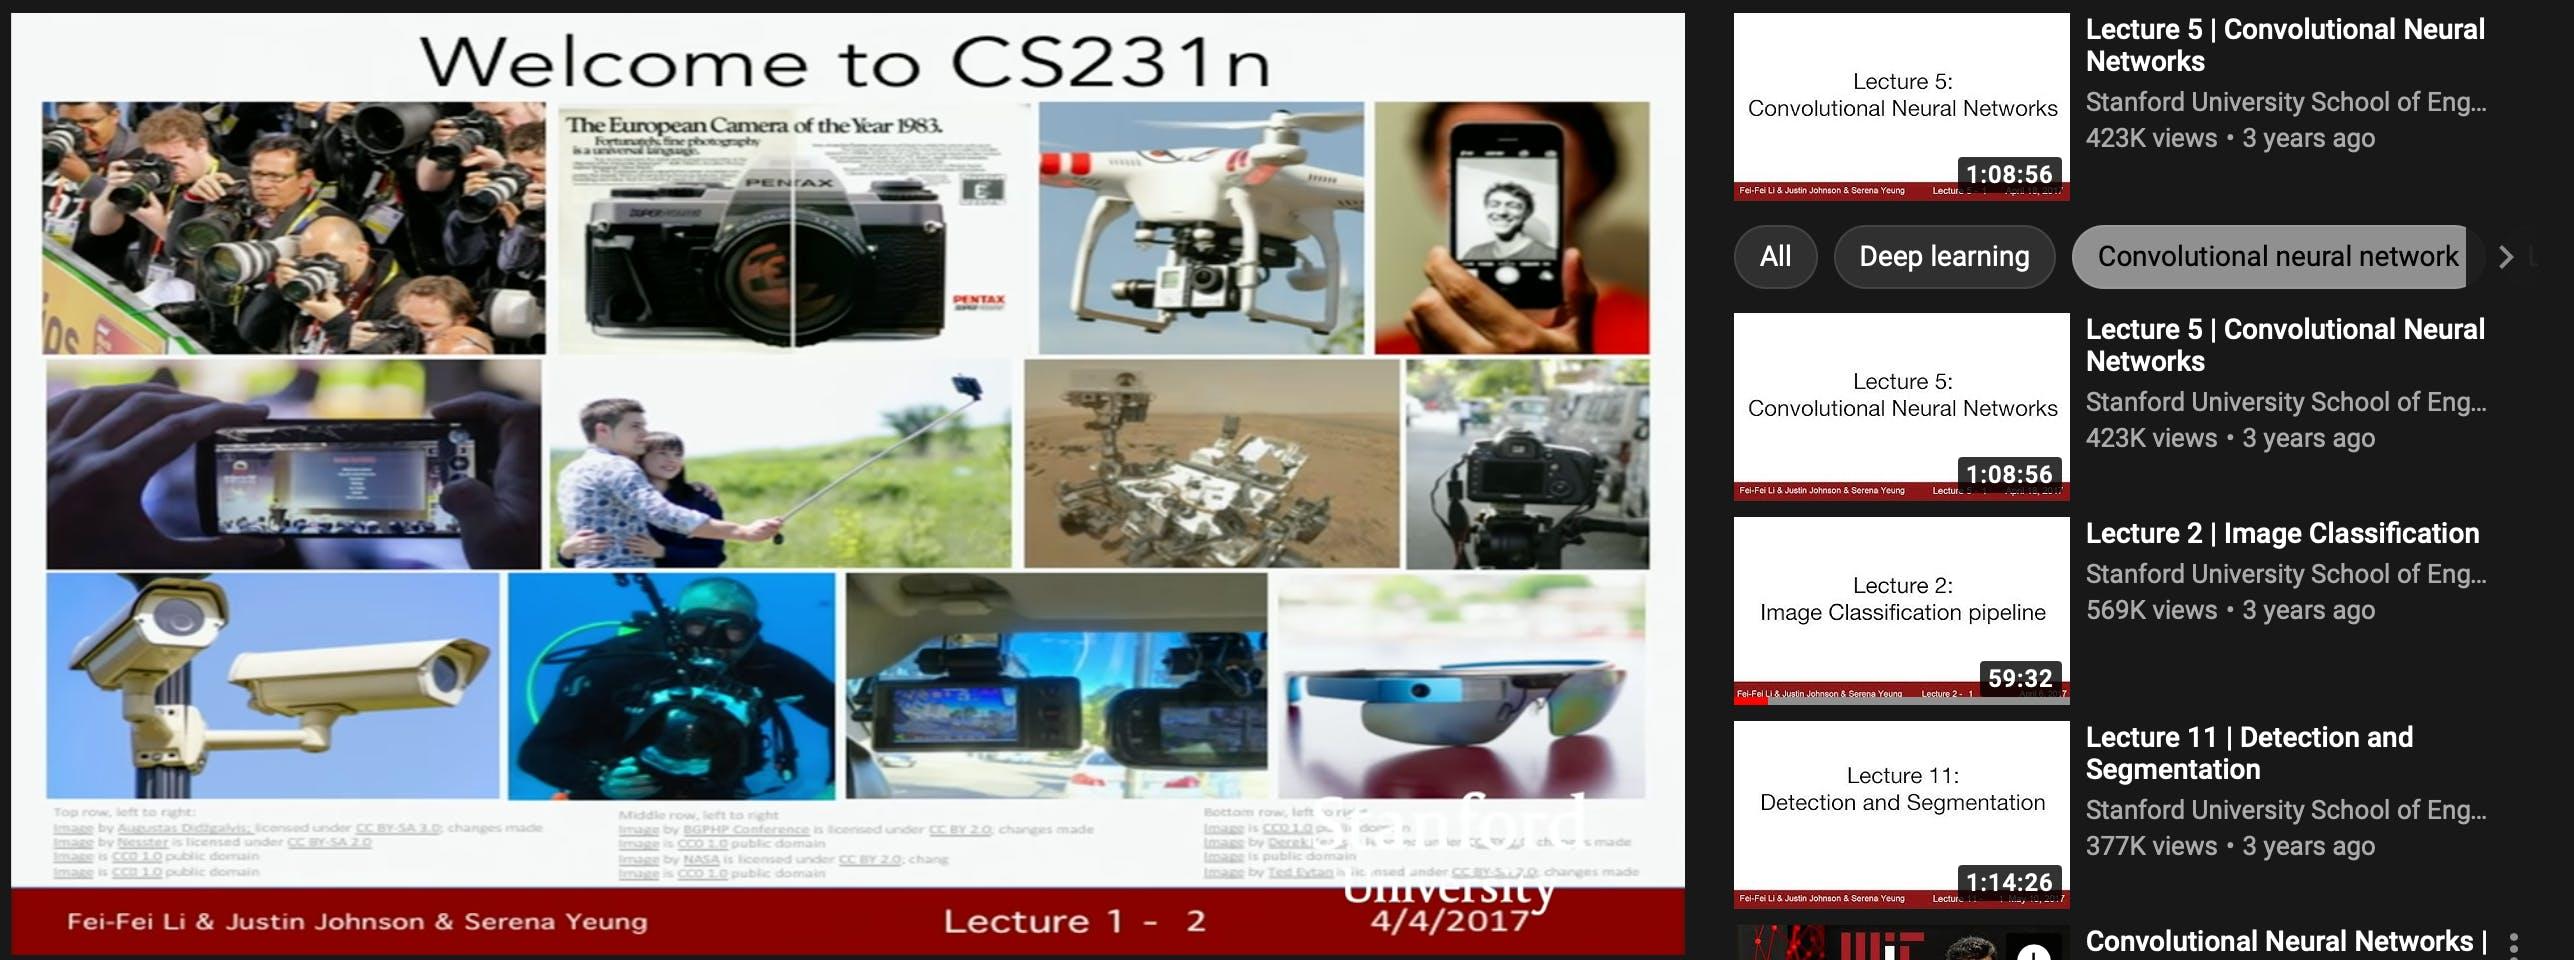 Screen Shot 2020-12-20 at 12.12.37 PM.png